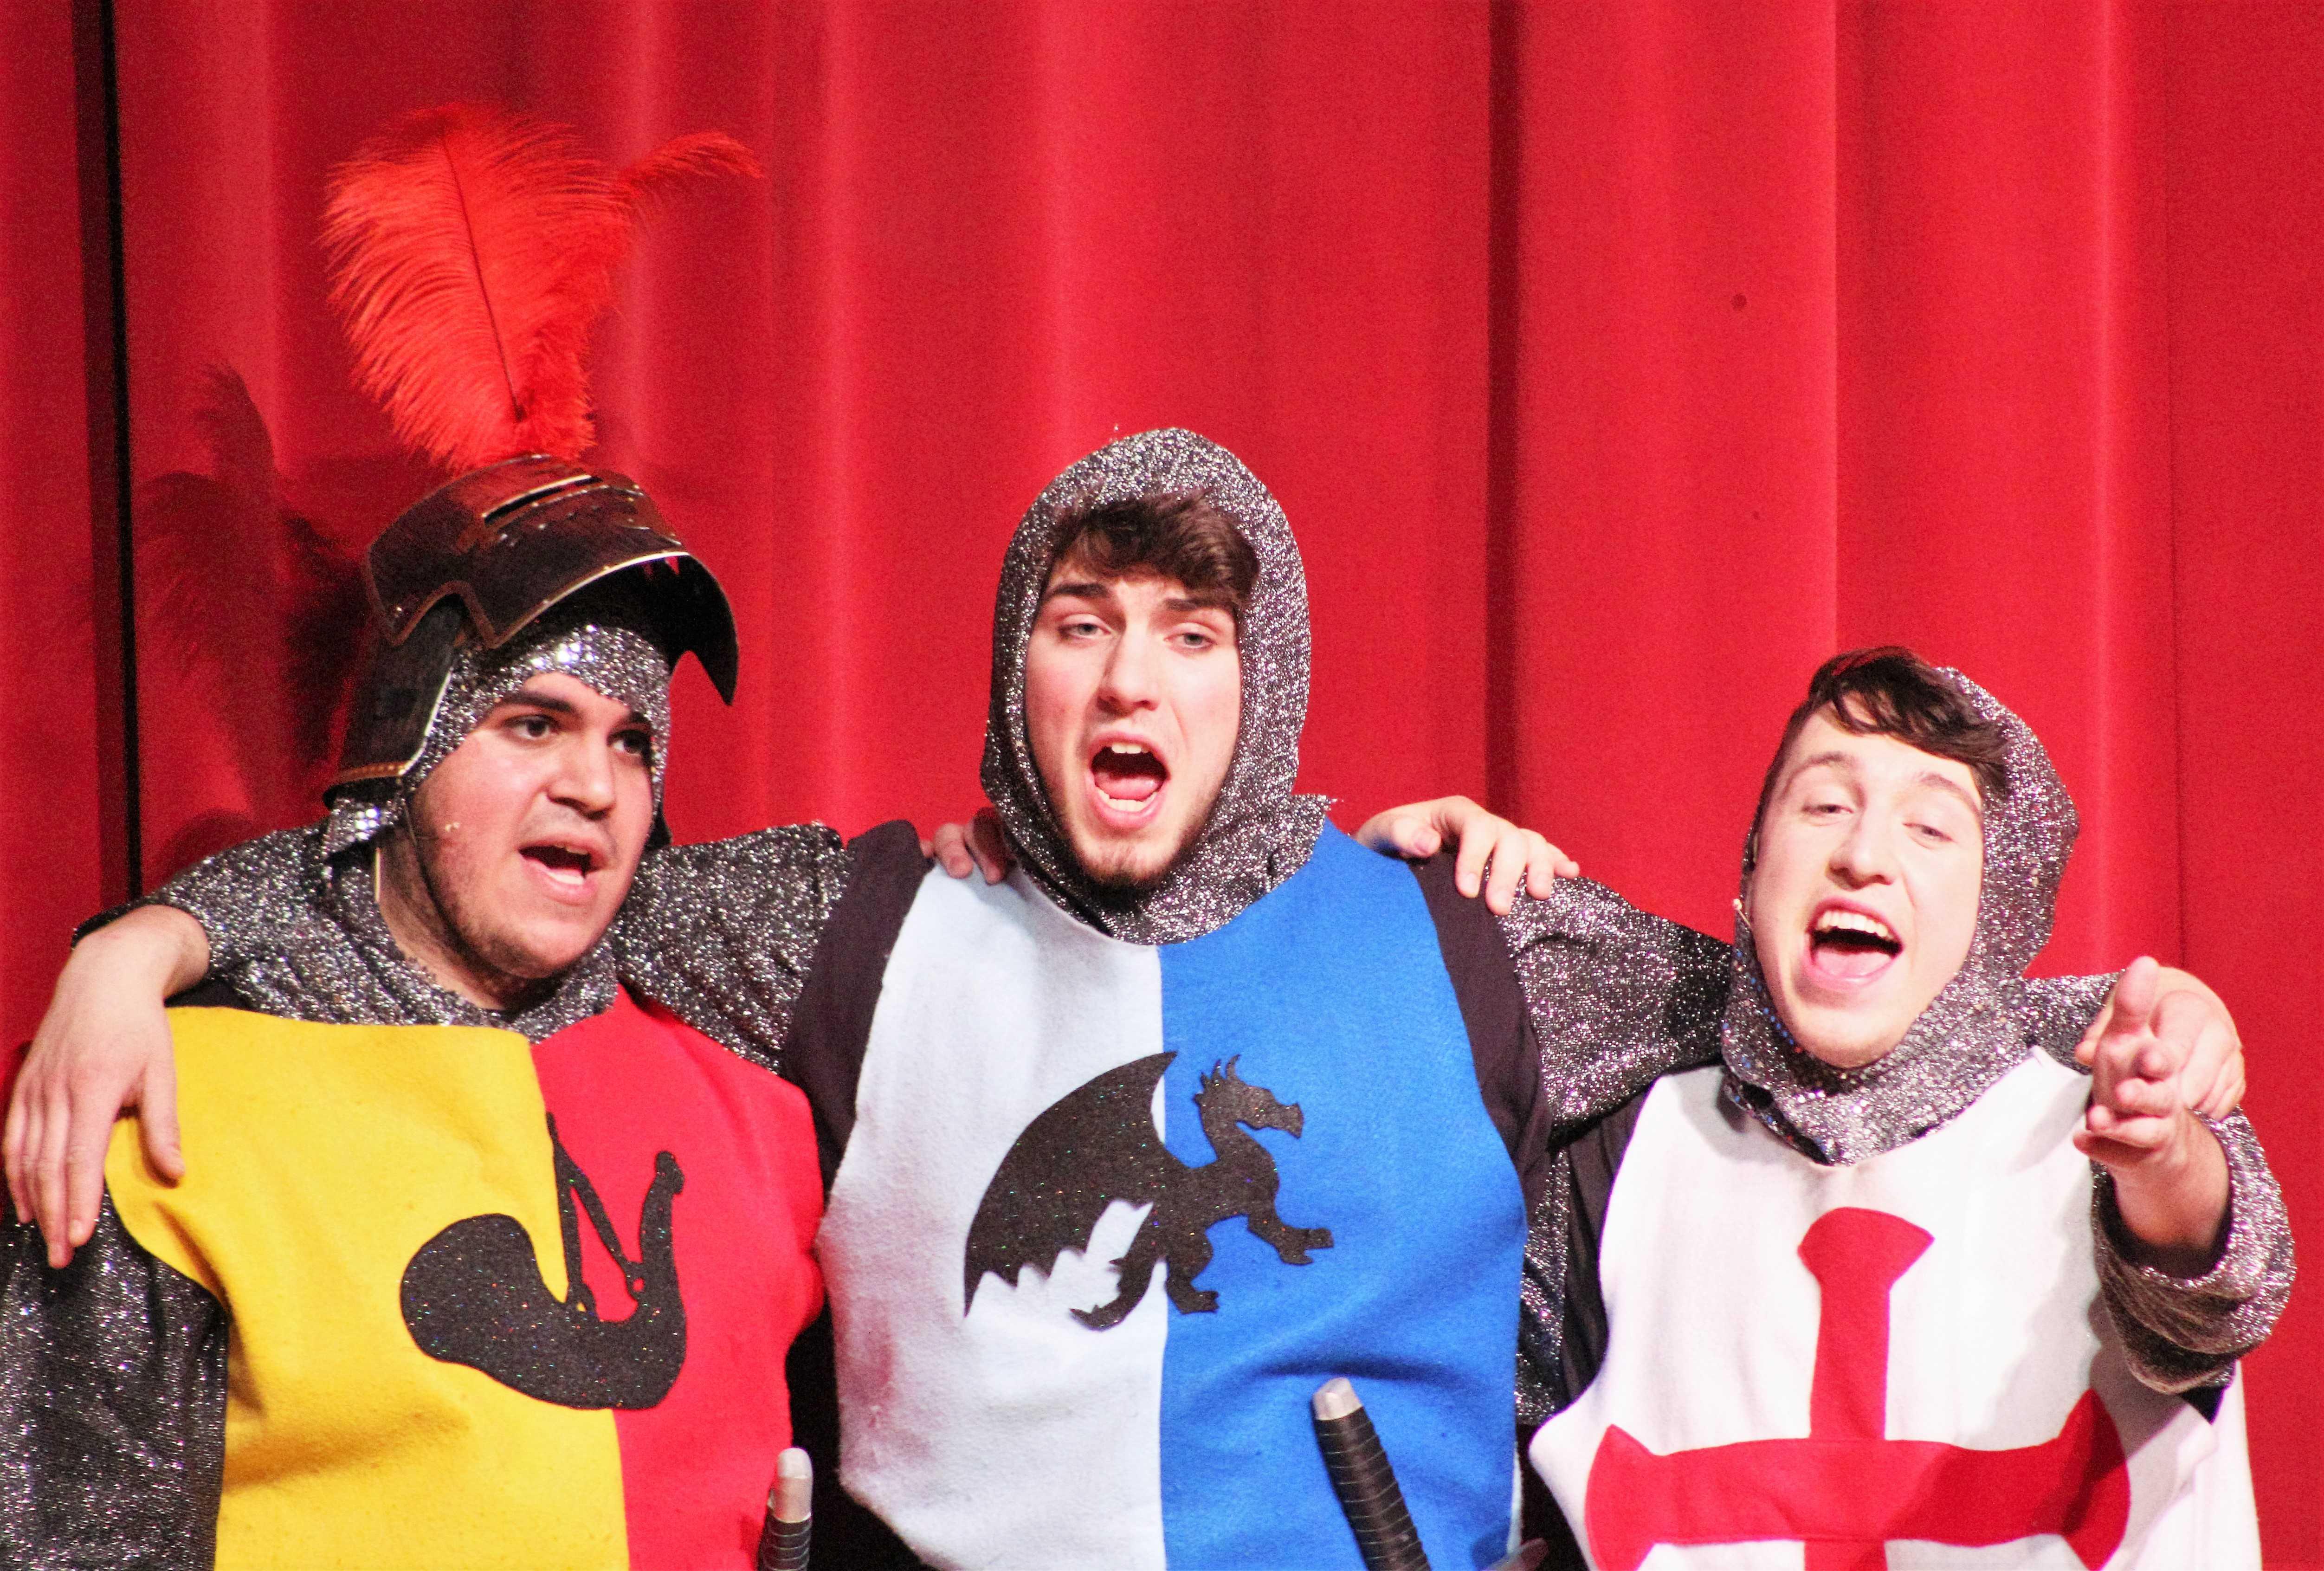 Bedevere (Zack Carme), Lancelot (Buren Andrews), and Galahad (Jack Snow) sing